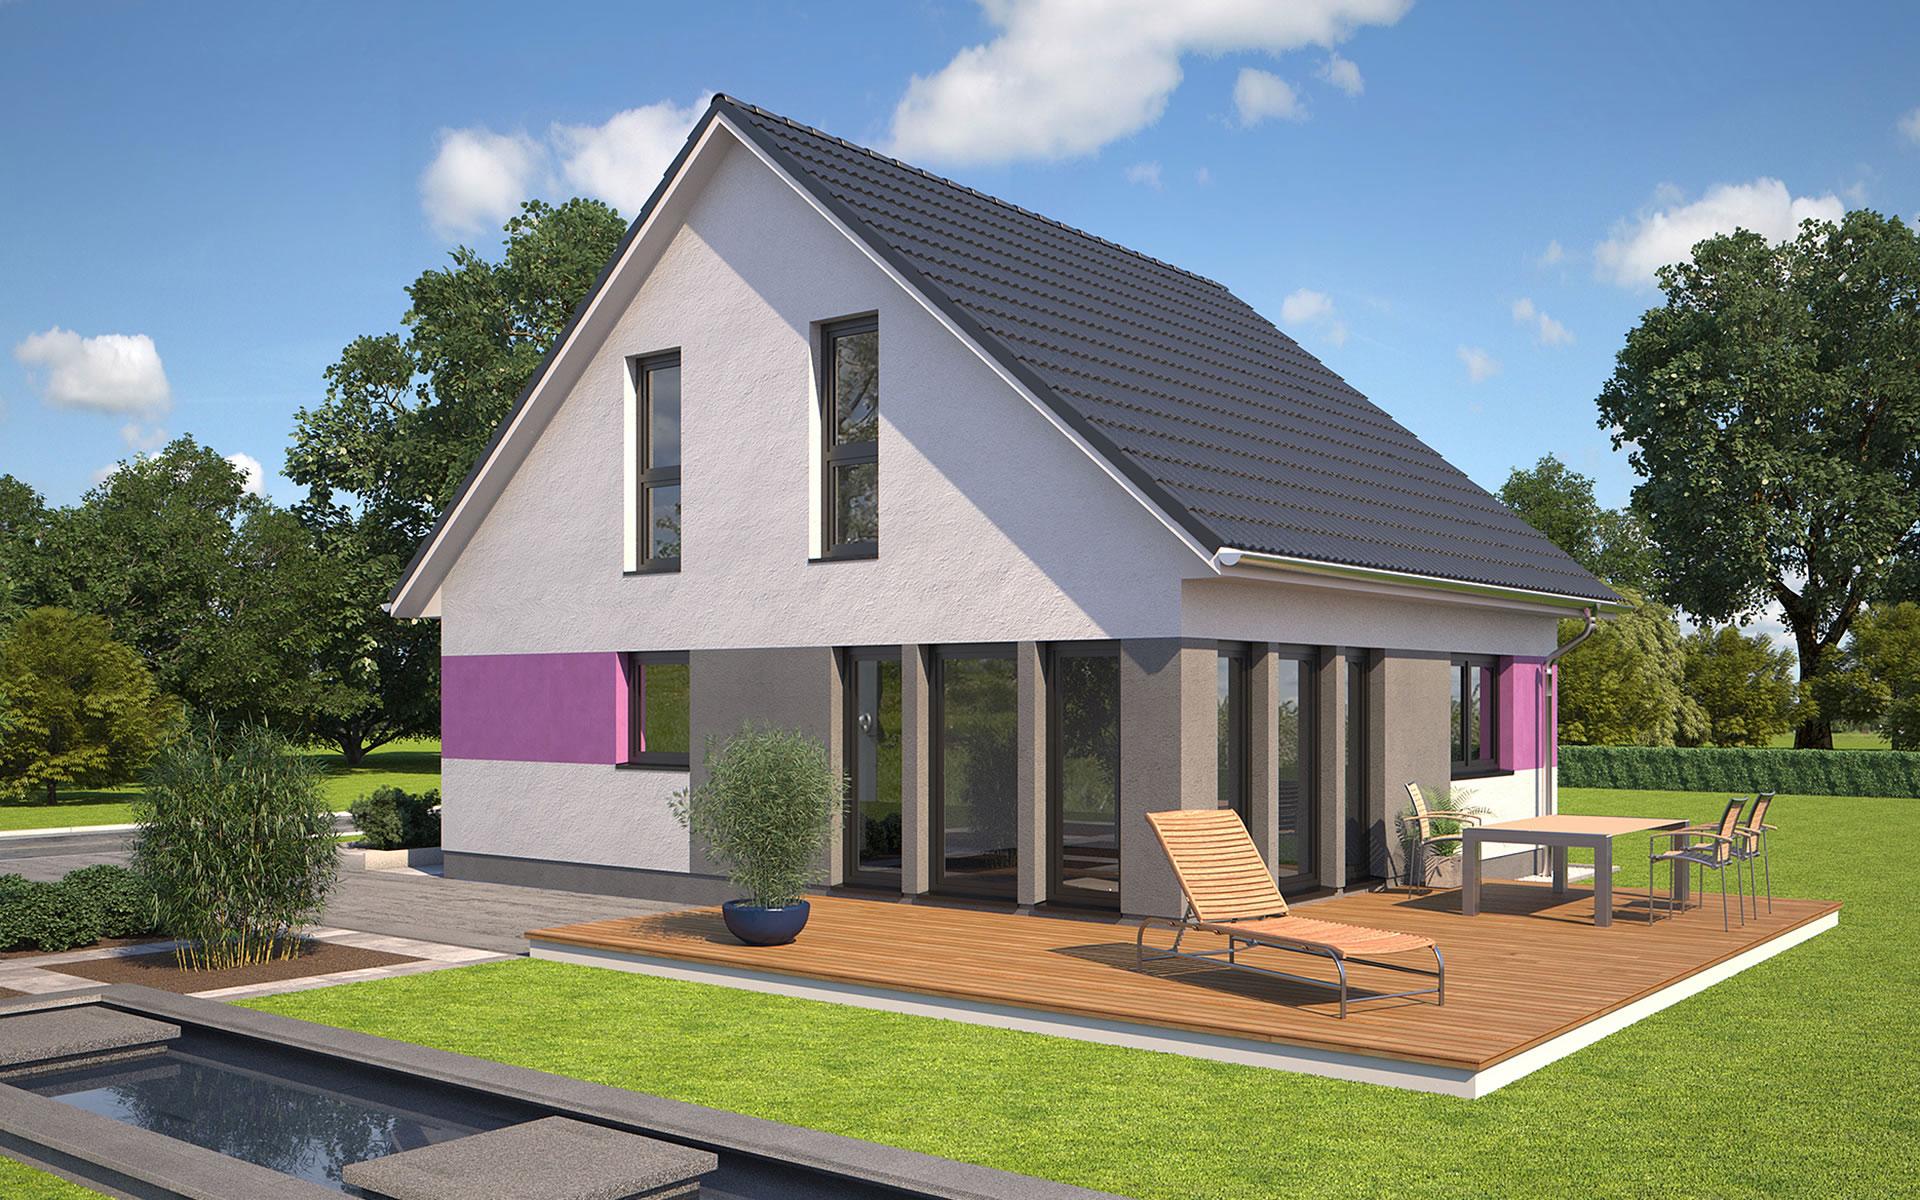 Esprit 126 von Bärenhaus - das fertige Haus GmbH